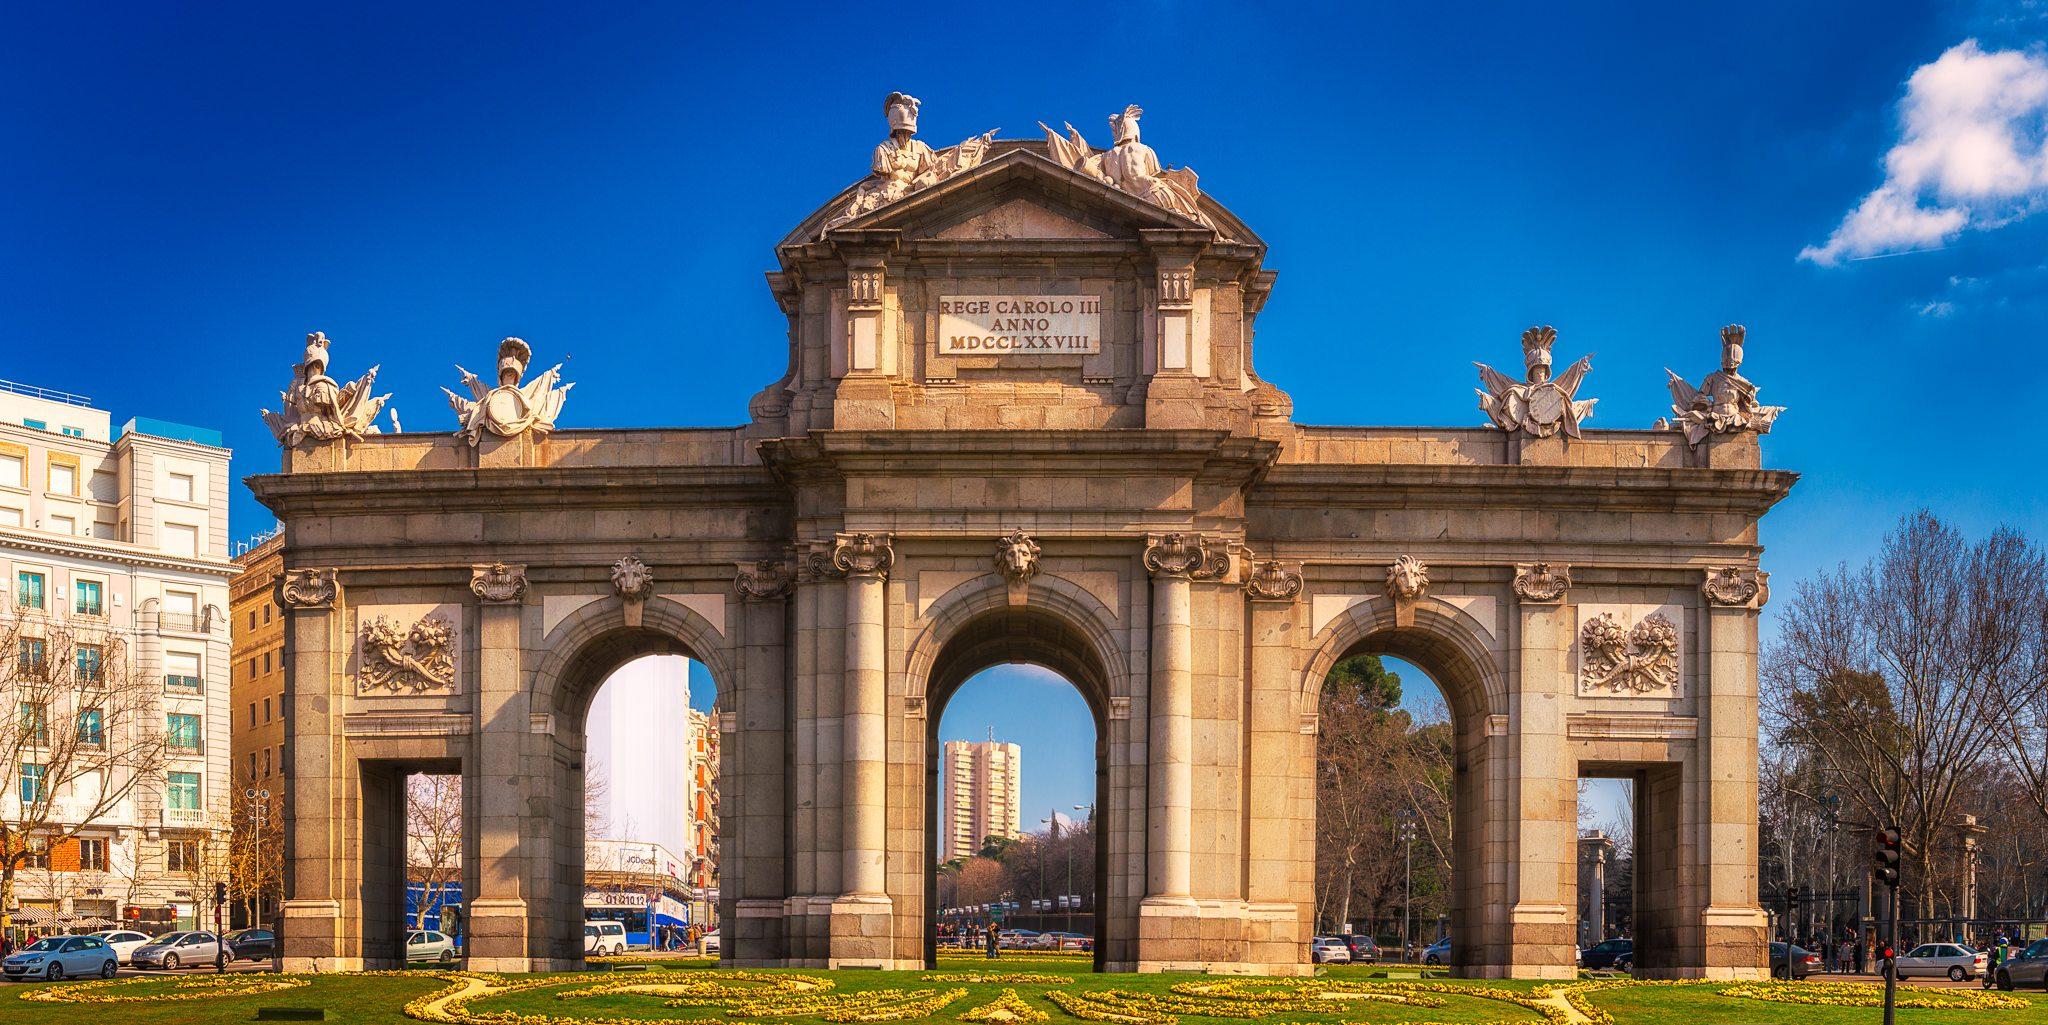 Puerta de Alcalá Madrid, Spain with a blue sky as background.